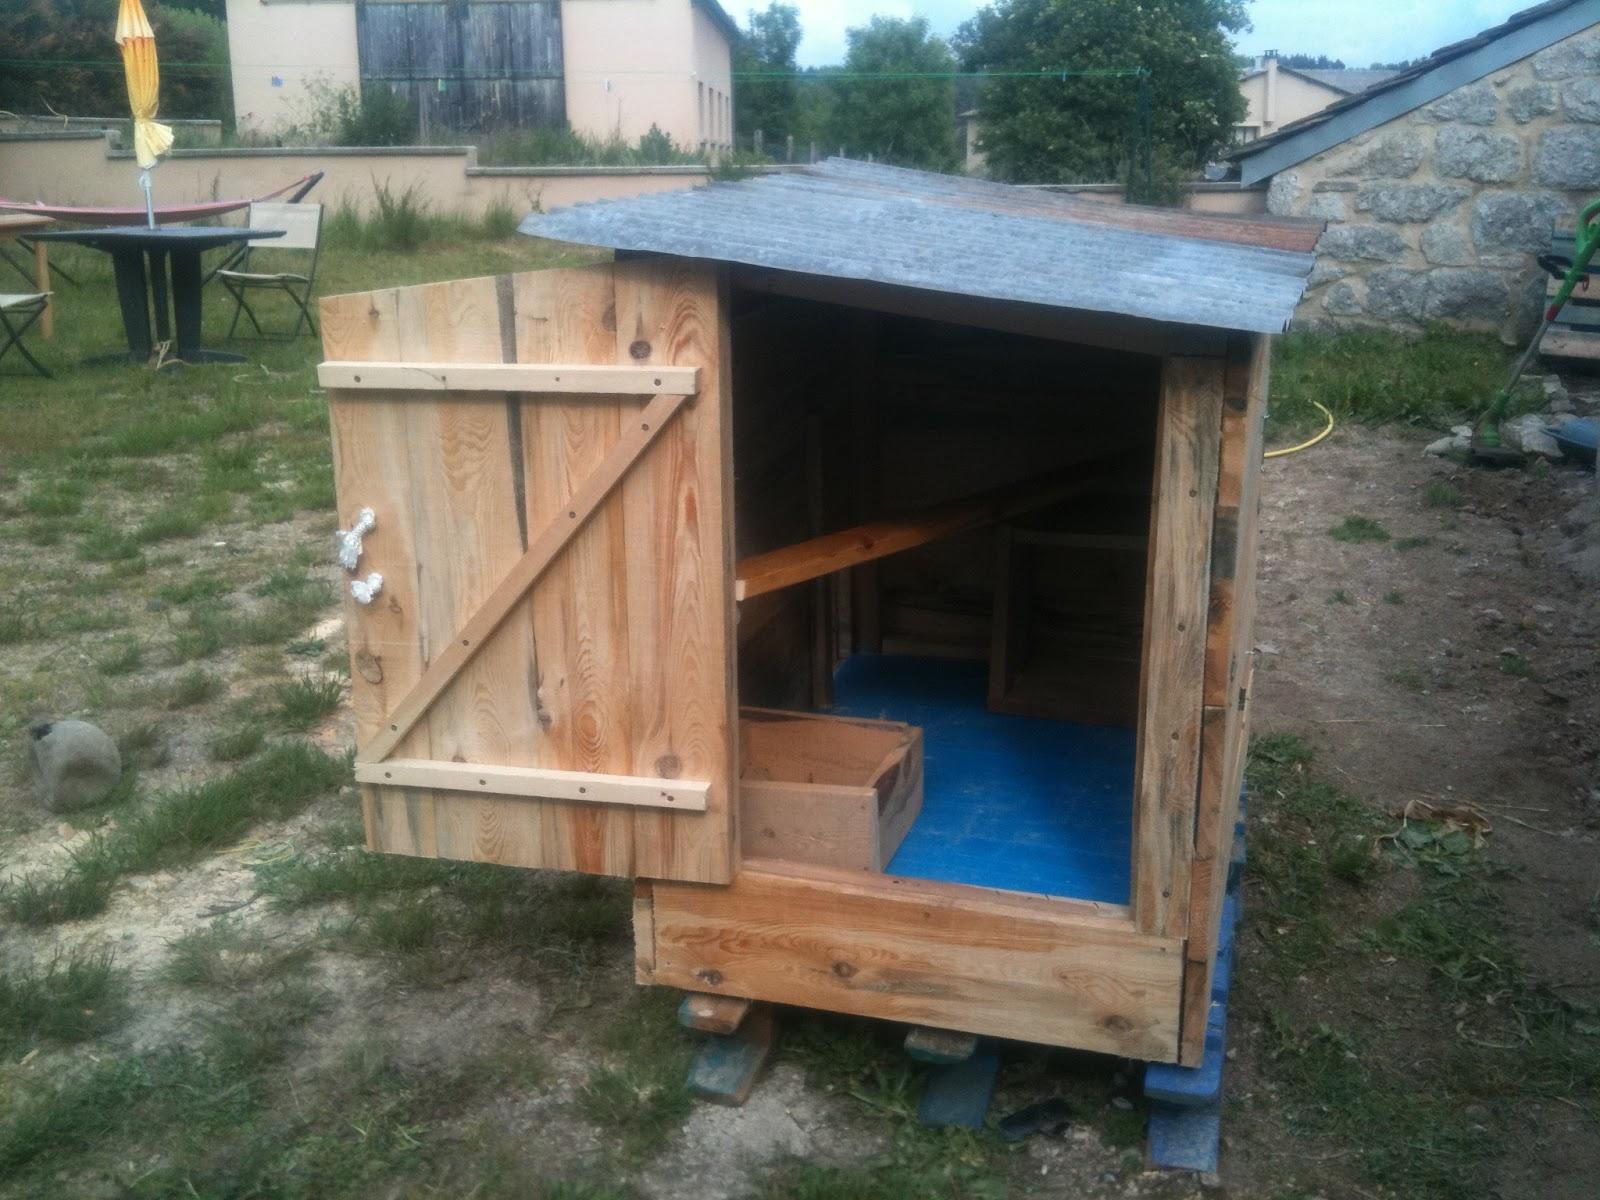 Construire retaper la cabane poules for Construire cabane en bois